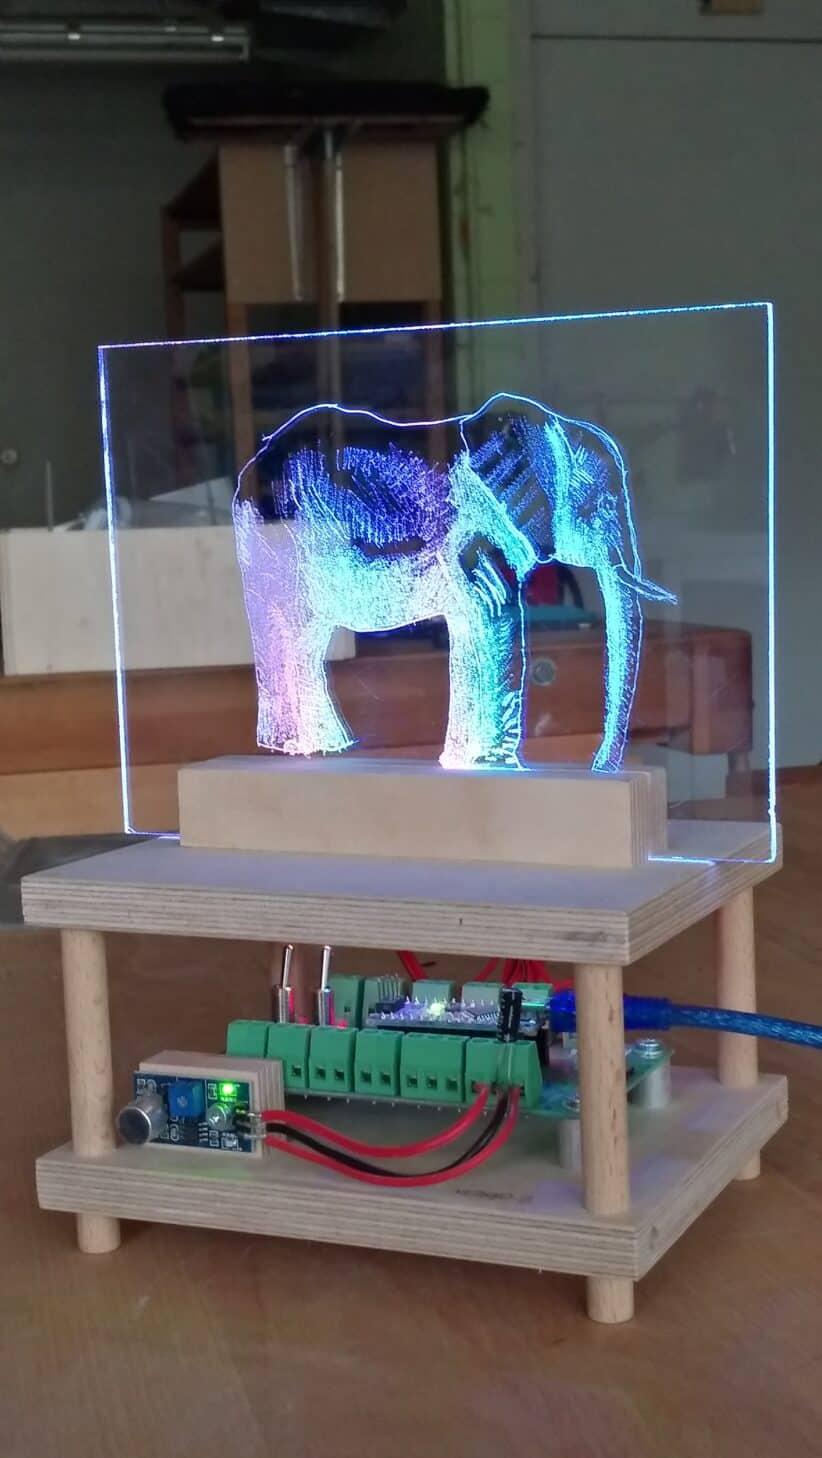 Schülerarbeit im Werken: Acrylglasbild graviert mit LEDs